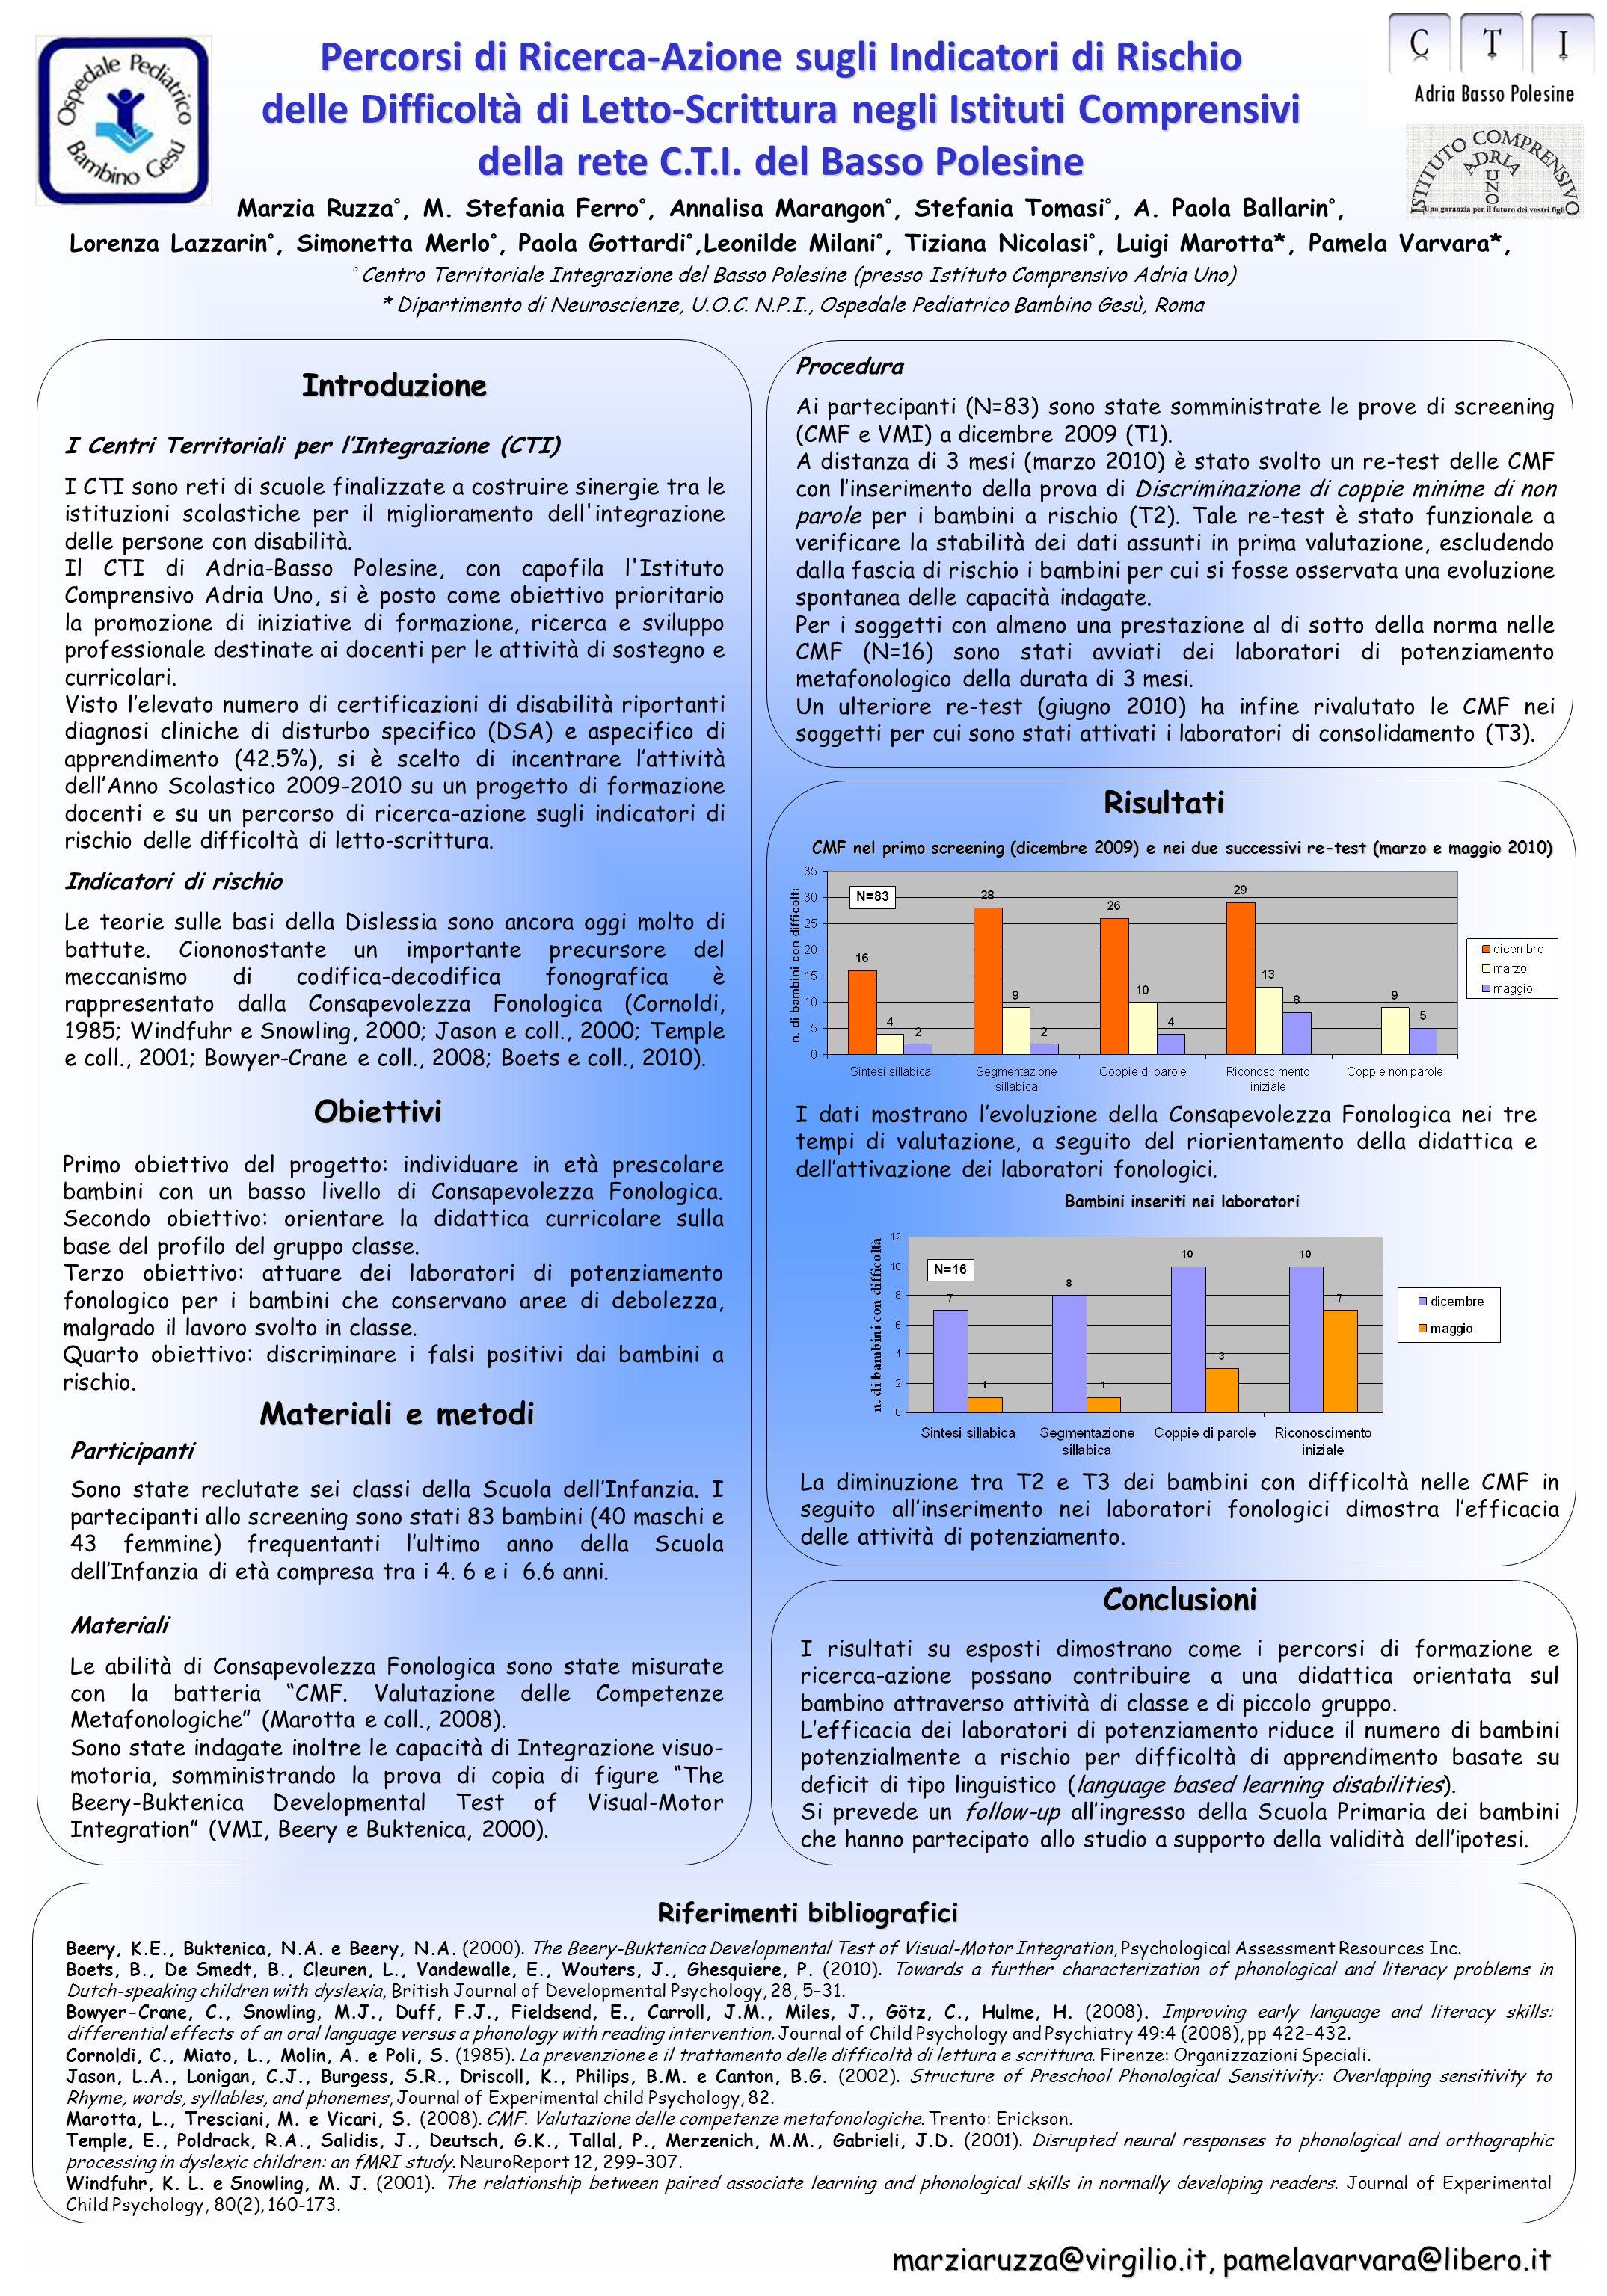 Percorsi di Ricerca-Azione sugli Indicatori di Rischio delle Difficoltà di Letto-Scrittura negli Istituti Comprensivi della rete C.T.I. del Basso Pole